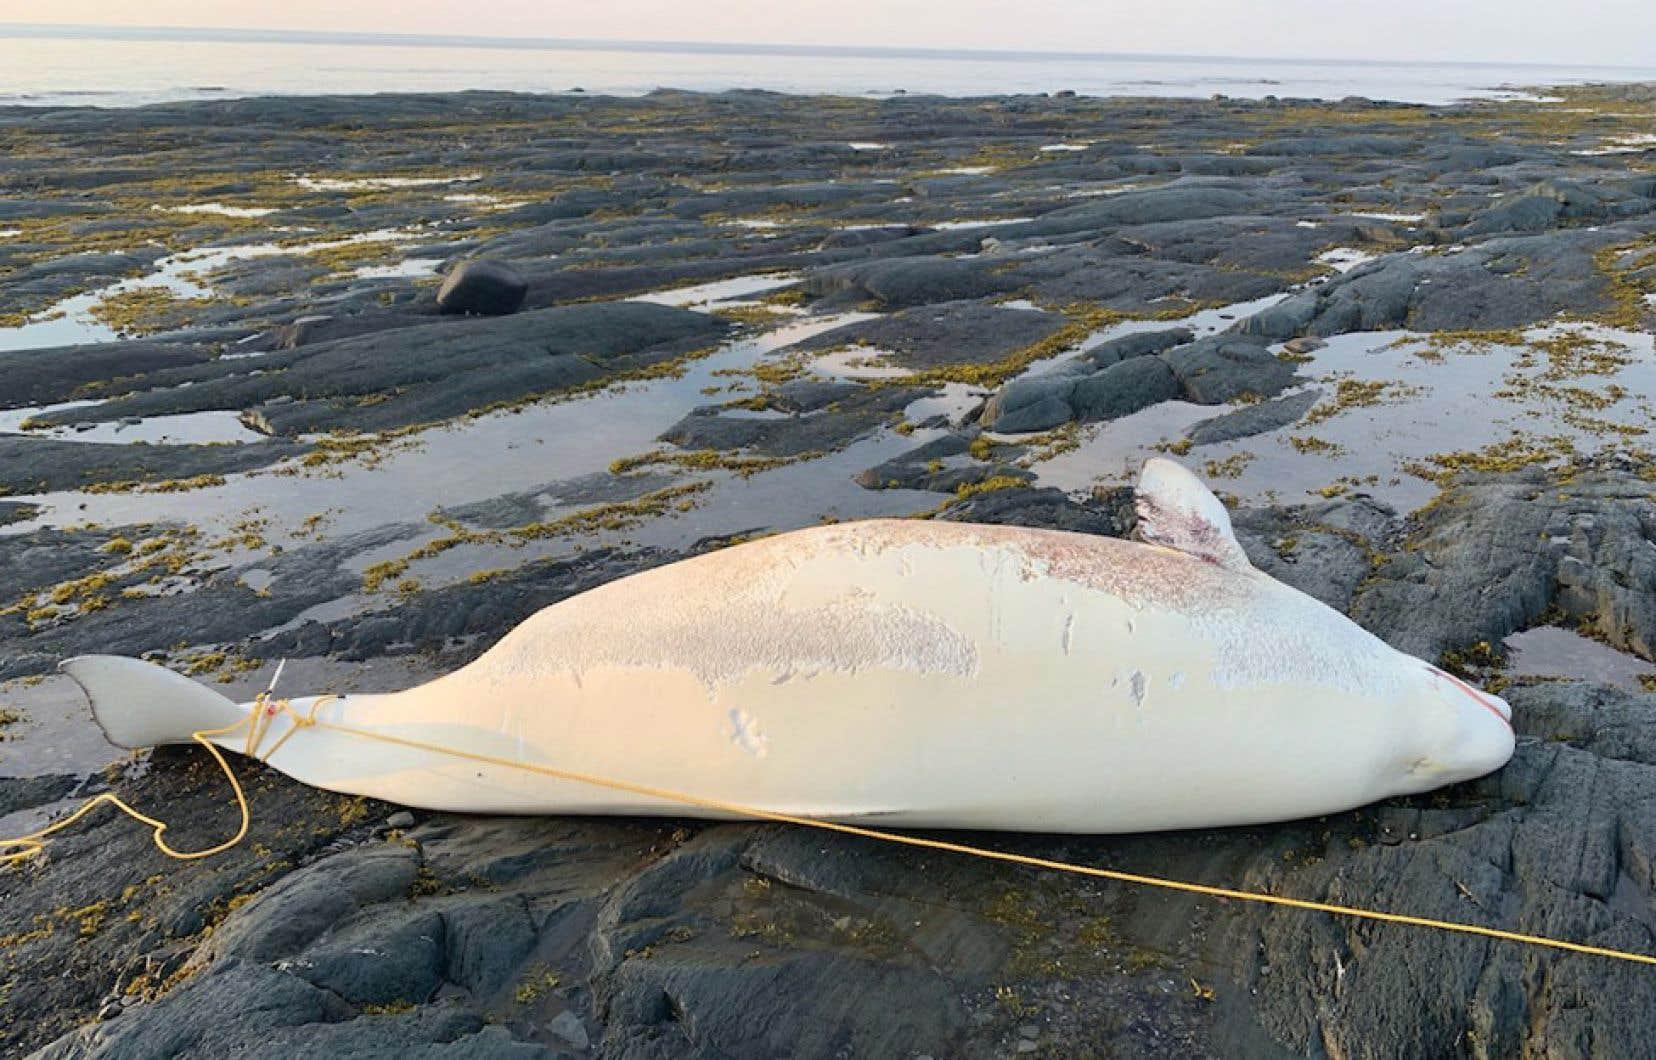 Cette femelle connue depuis 1990 a été retrouvée morte. Elle serait décédée en tentant de donner naissance.